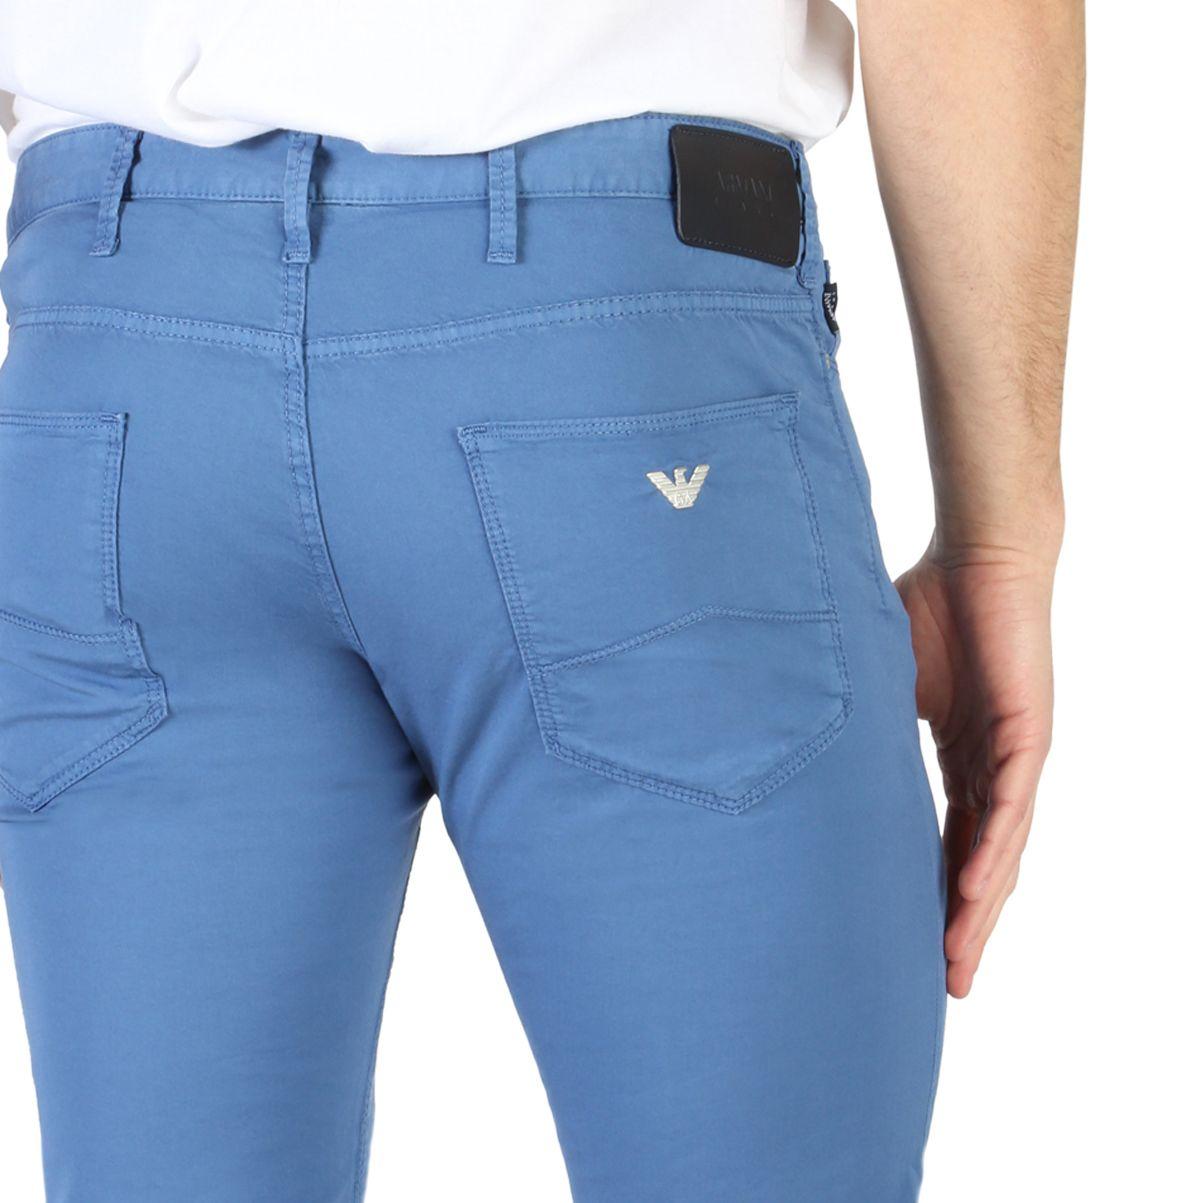 Pantalons Armani Jeans – 3Y6J06_6N21Z